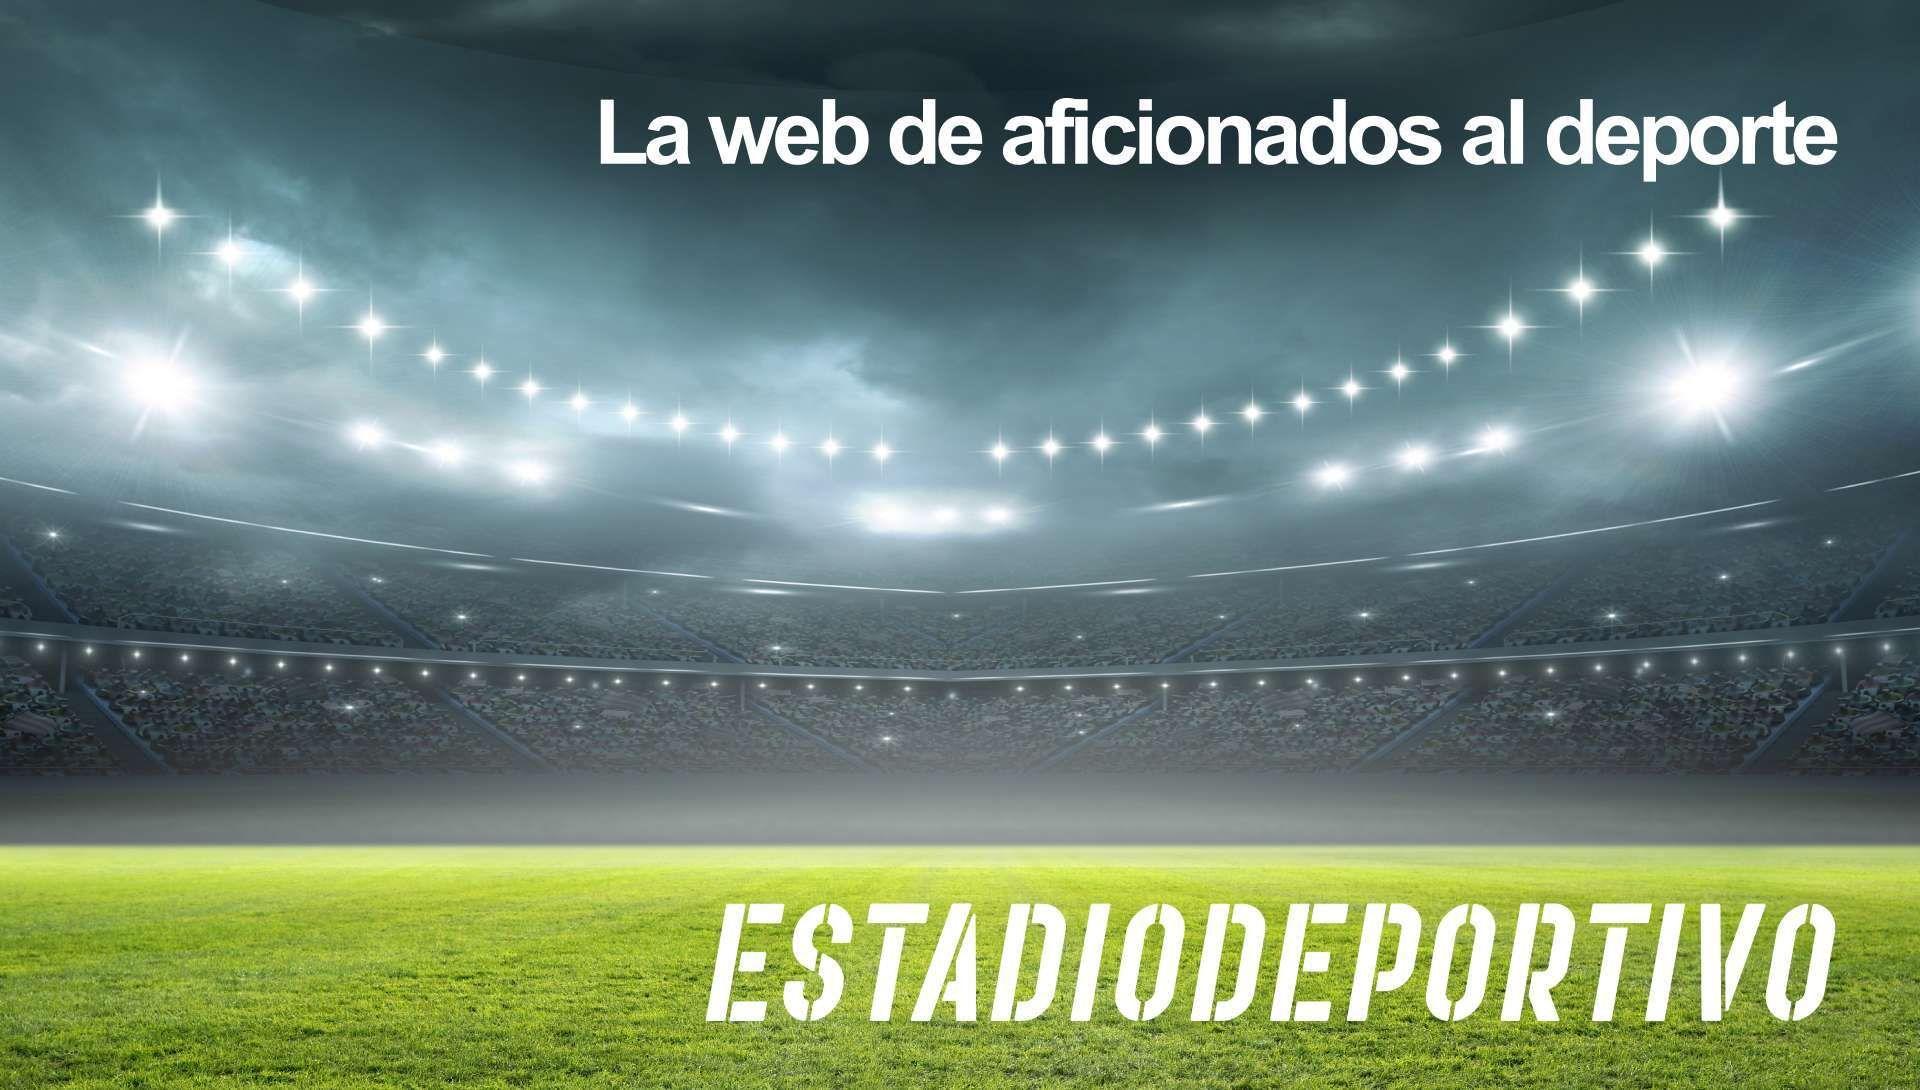 Las portadas de los periódicos deportivos para el lunes 27 de septiembre